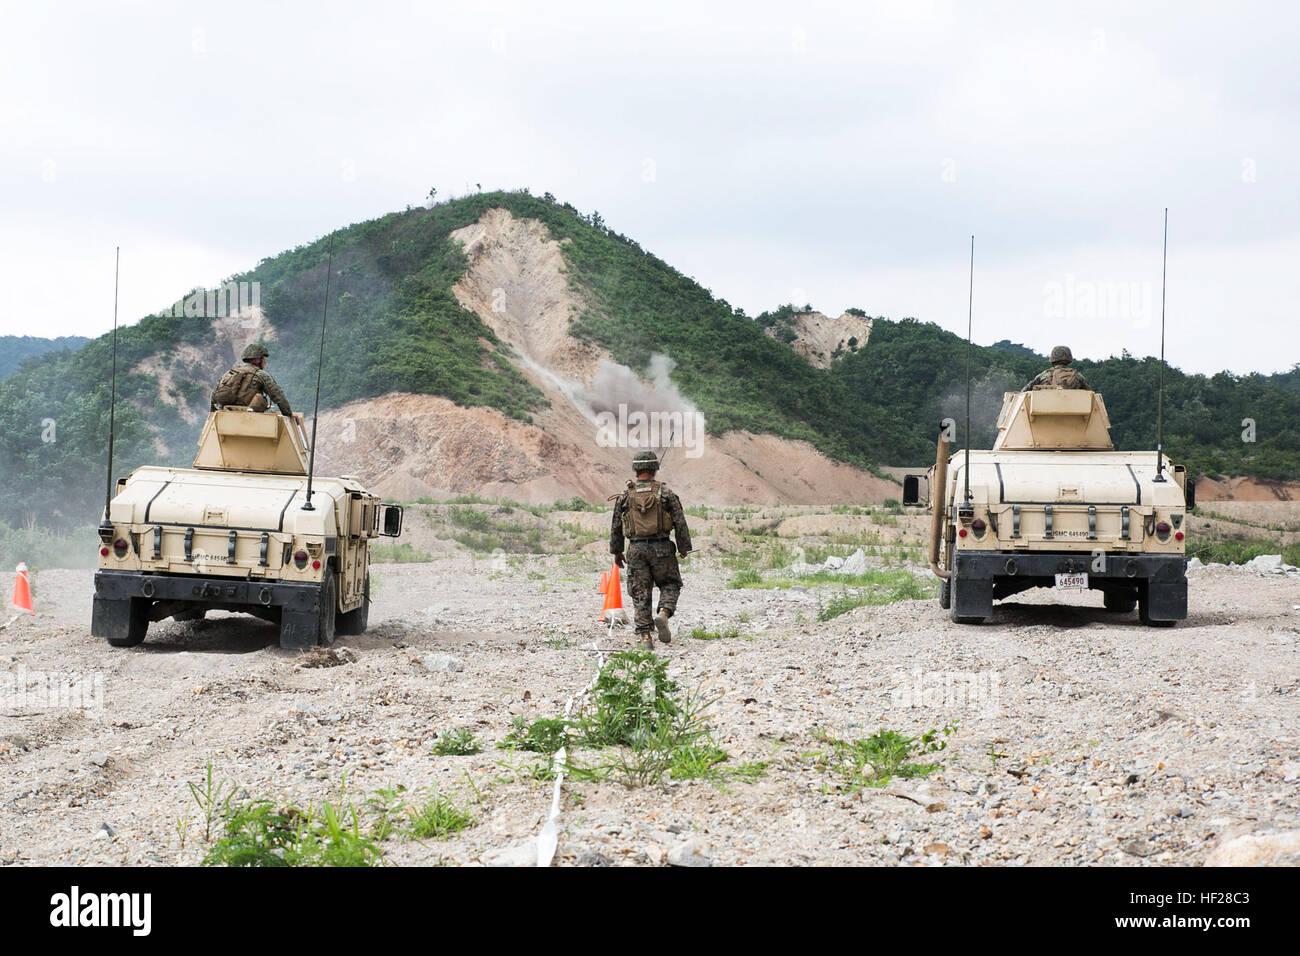 La República de Corea y los Marines de Estados Unidos maniobra en Humvees mientras dispara downrange durante el movimiento de entrenamiento con fuego vivo el 18 de junio como parte del programa de intercambio marinos coreanos 14-8 en la gama Susungri en Pohang, Corea del Sur. El rango de los infantes de marina dio una mejor perspectiva sobre las dificultades de disparos desde vehículos en movimiento. 14-8 KMEP combinada es un pequeño ejercicio de adiestramiento de la unidad que realza la preparación para el combate y la interoperabilidad de ROK y fuerzas de infantería de marina de los EE.UU. Los Marines son con 3º Batallón, la Ley III del Cuartel General de la Fuerza Expedicionaria de la Marina, Grupo III MEF. Los infantes de marina son ROK con Foto de stock